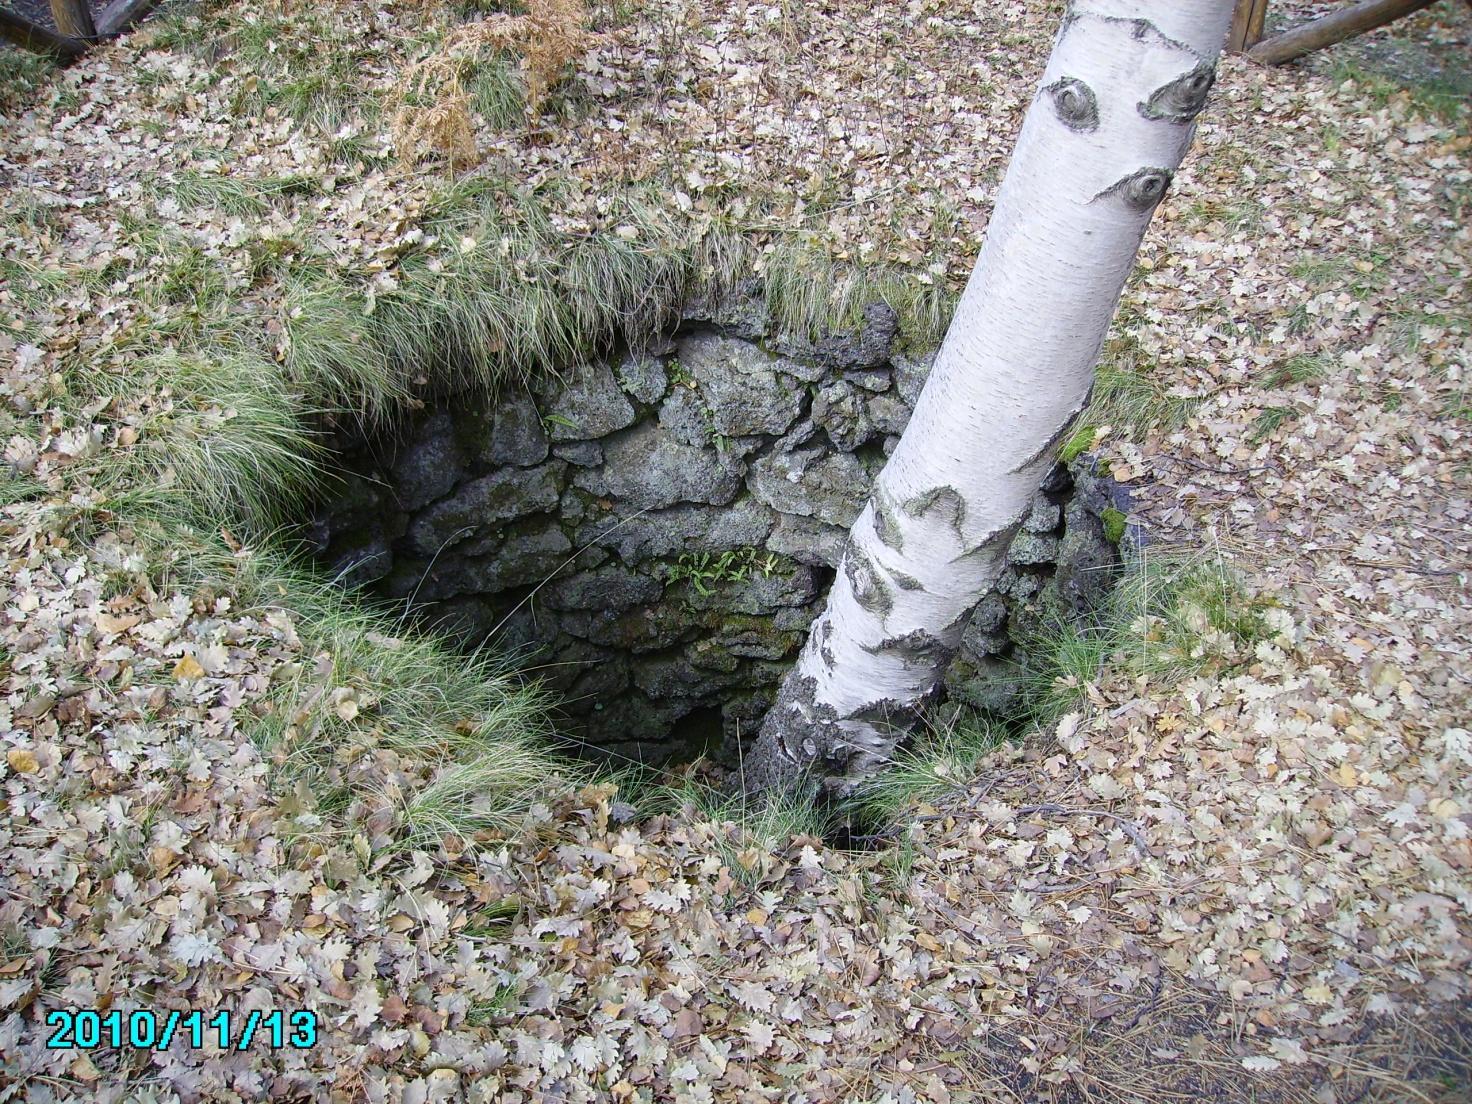 F:\FOTO\Foto elettroniche di Pietro\2010.11.13.14. Etna, Grotta dei Ladroni..JPG